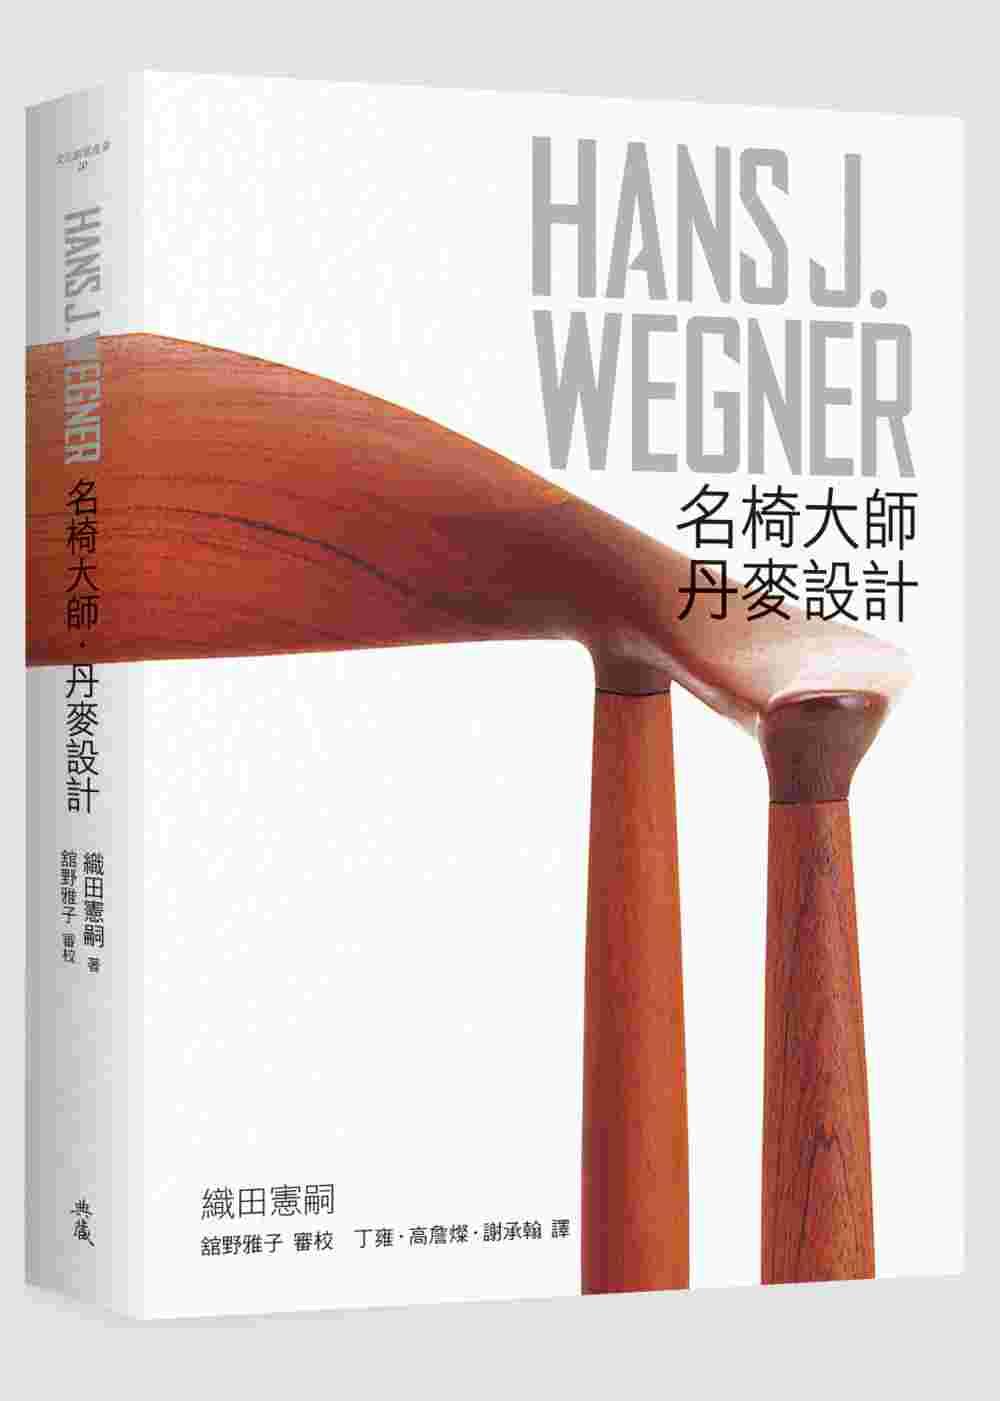 HANS J. WEGNER:名椅大師‧丹麥設計